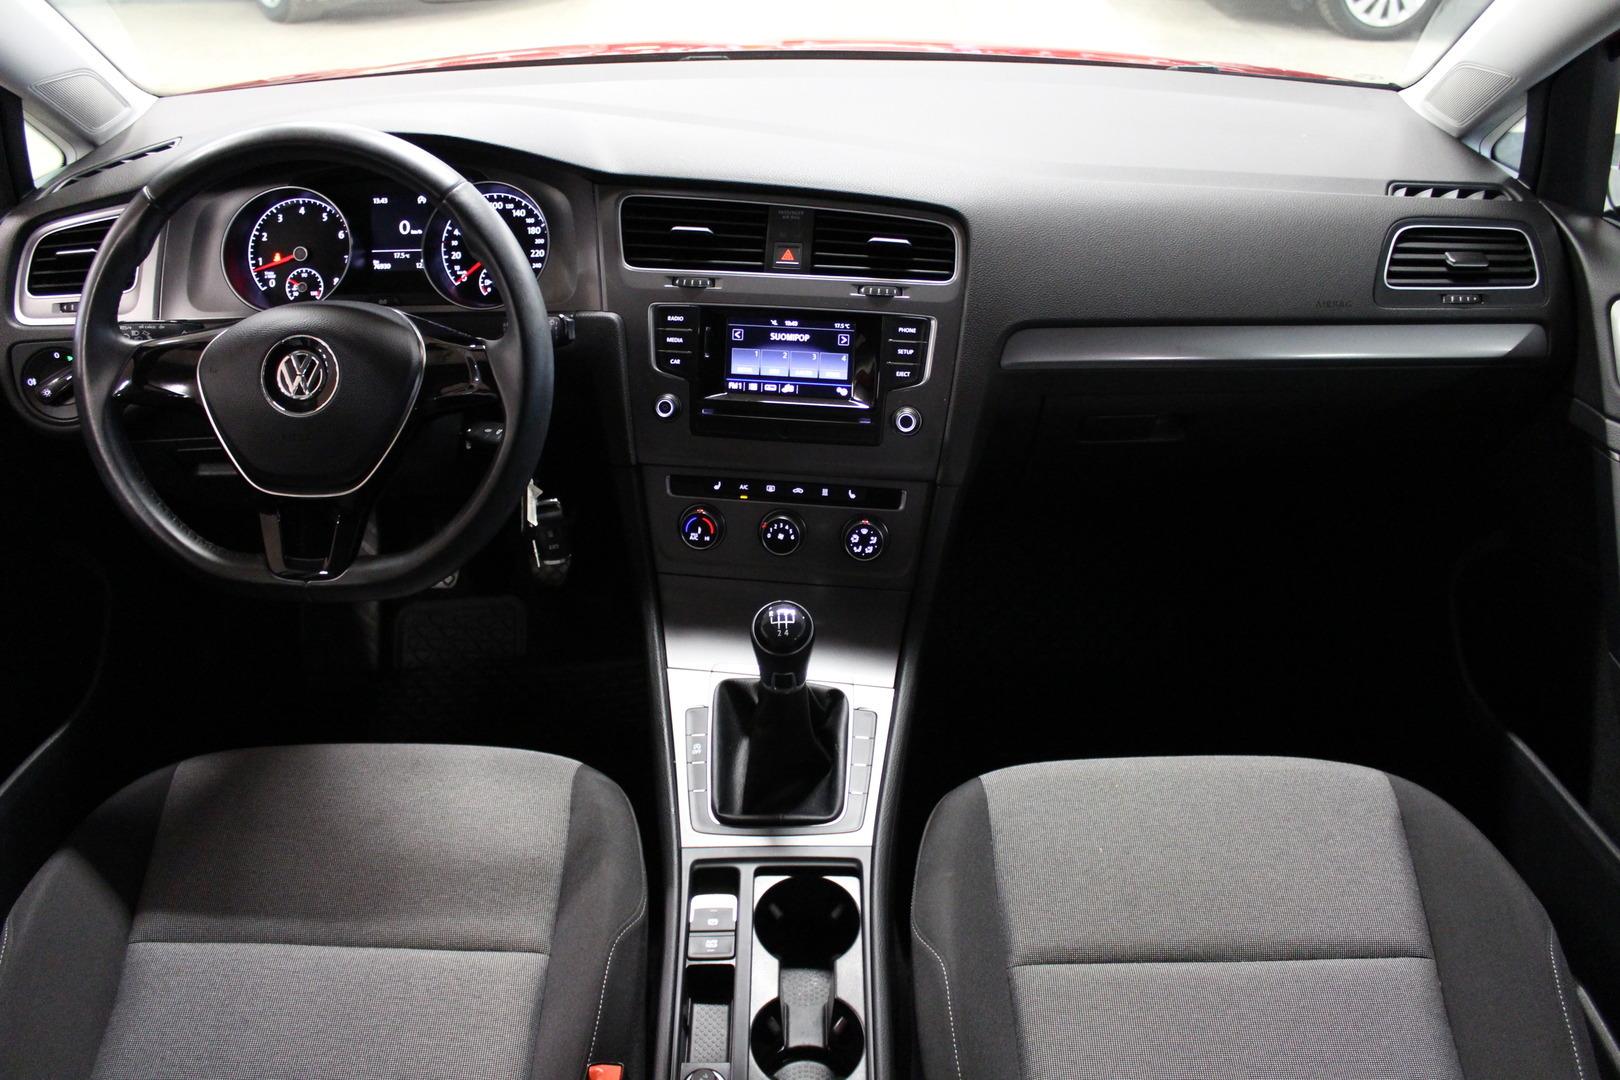 Volkswagen Golf, Variant Luxline 1,2 TSI #1-Omisteinen **Juuri tullut** #Webasto #Huippusiisti